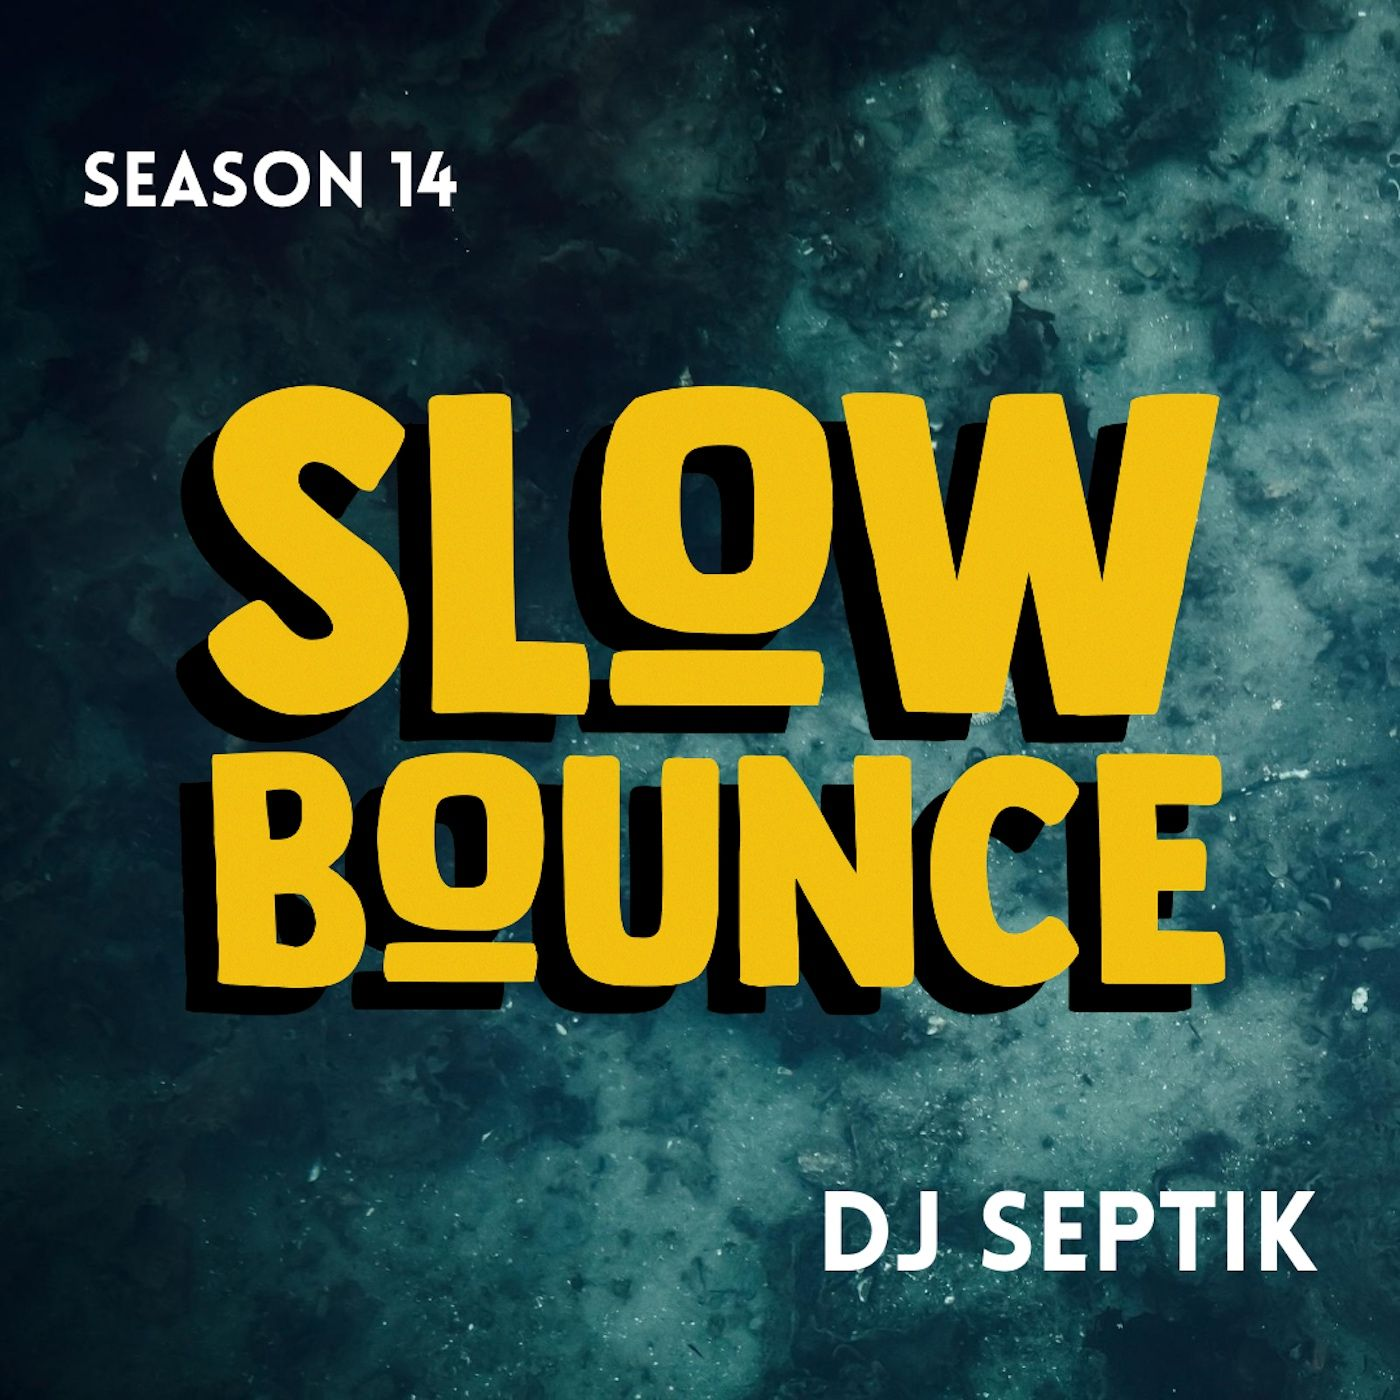 Bigupradio.com SLOWBOUNCE - Tropical Bass Podcast